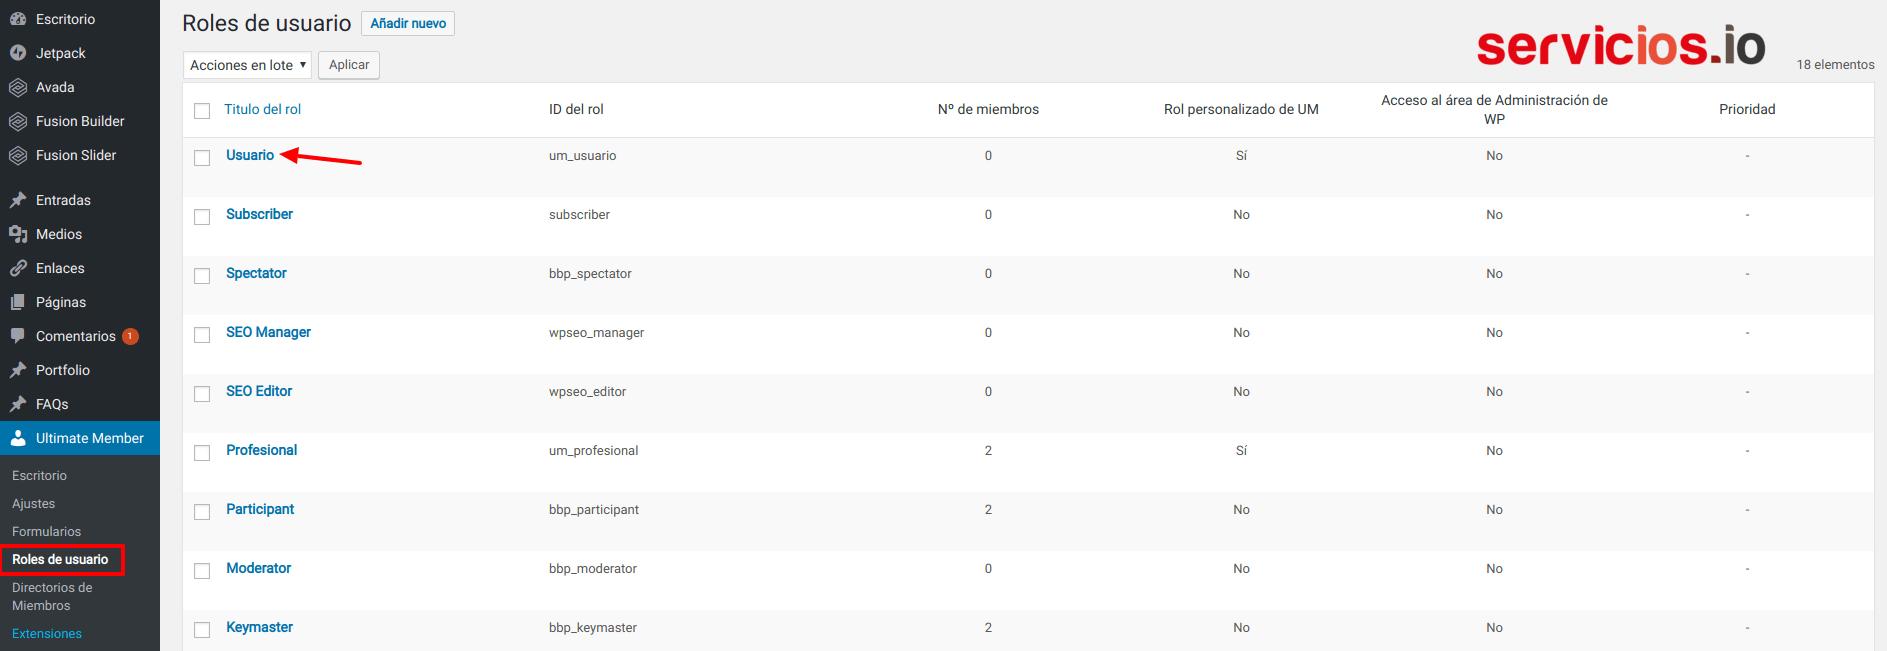 Ultimate Member - roles de usuario WordPress - servicios.io